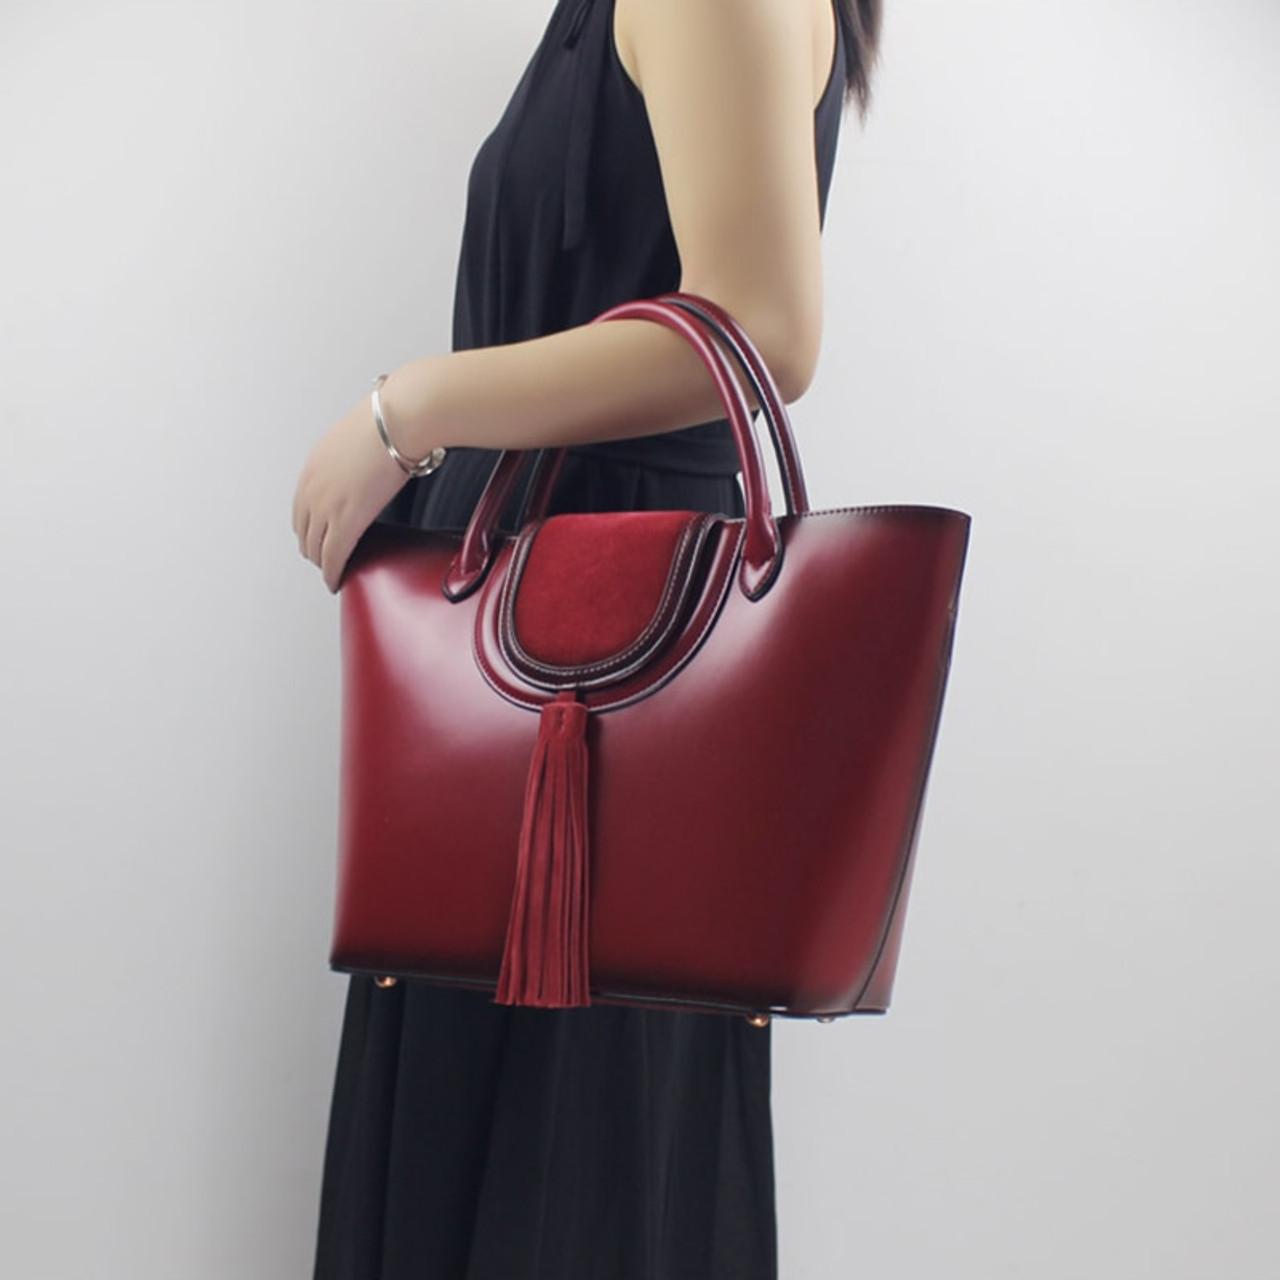 60903c74af3f Women Big Handbag Genuine Leather 2018 Leather Simple Female Large Capacity  Tote Elegant Shoulder bag Top ...